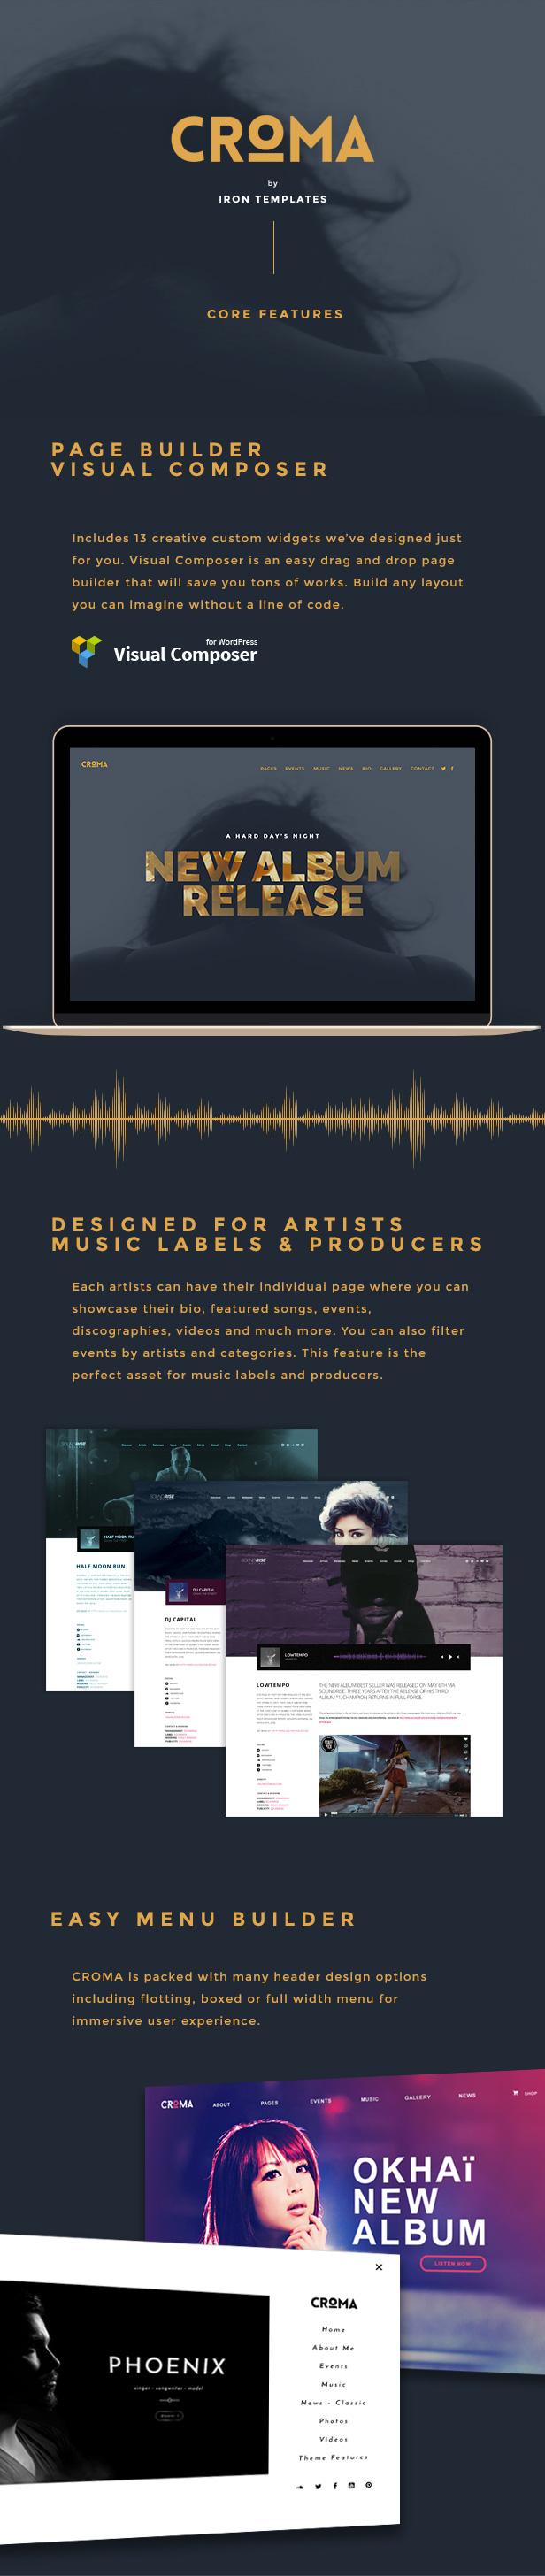 croma marketingV3 01 - Croma - Music WordPress Theme with Ajax and Continuous Playback